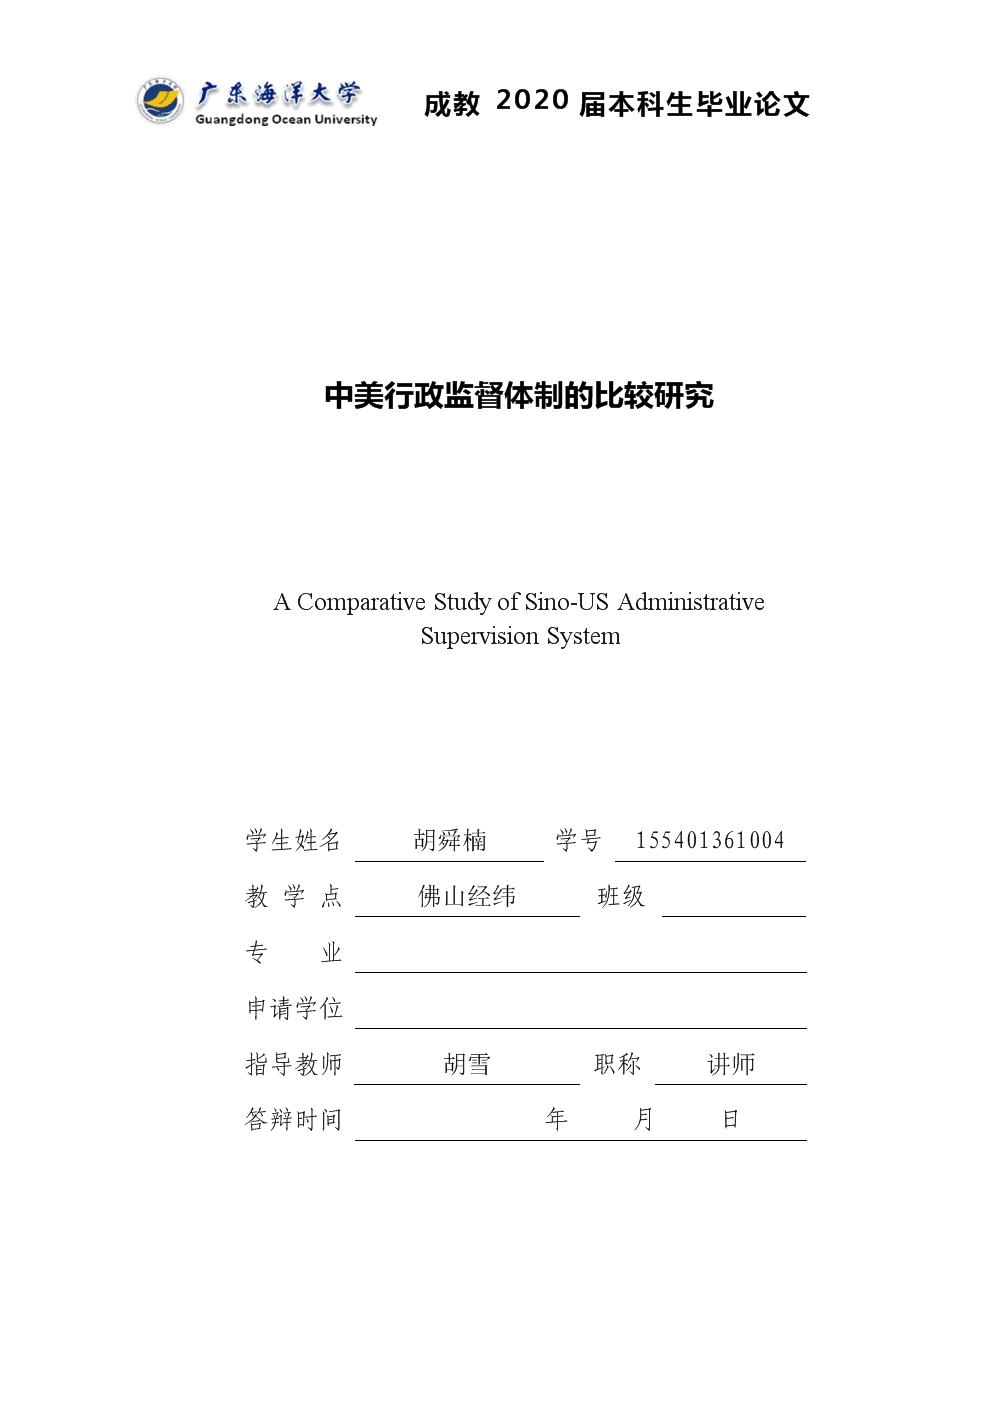 【改2】中美行政监督体制的比较研究0919.doc